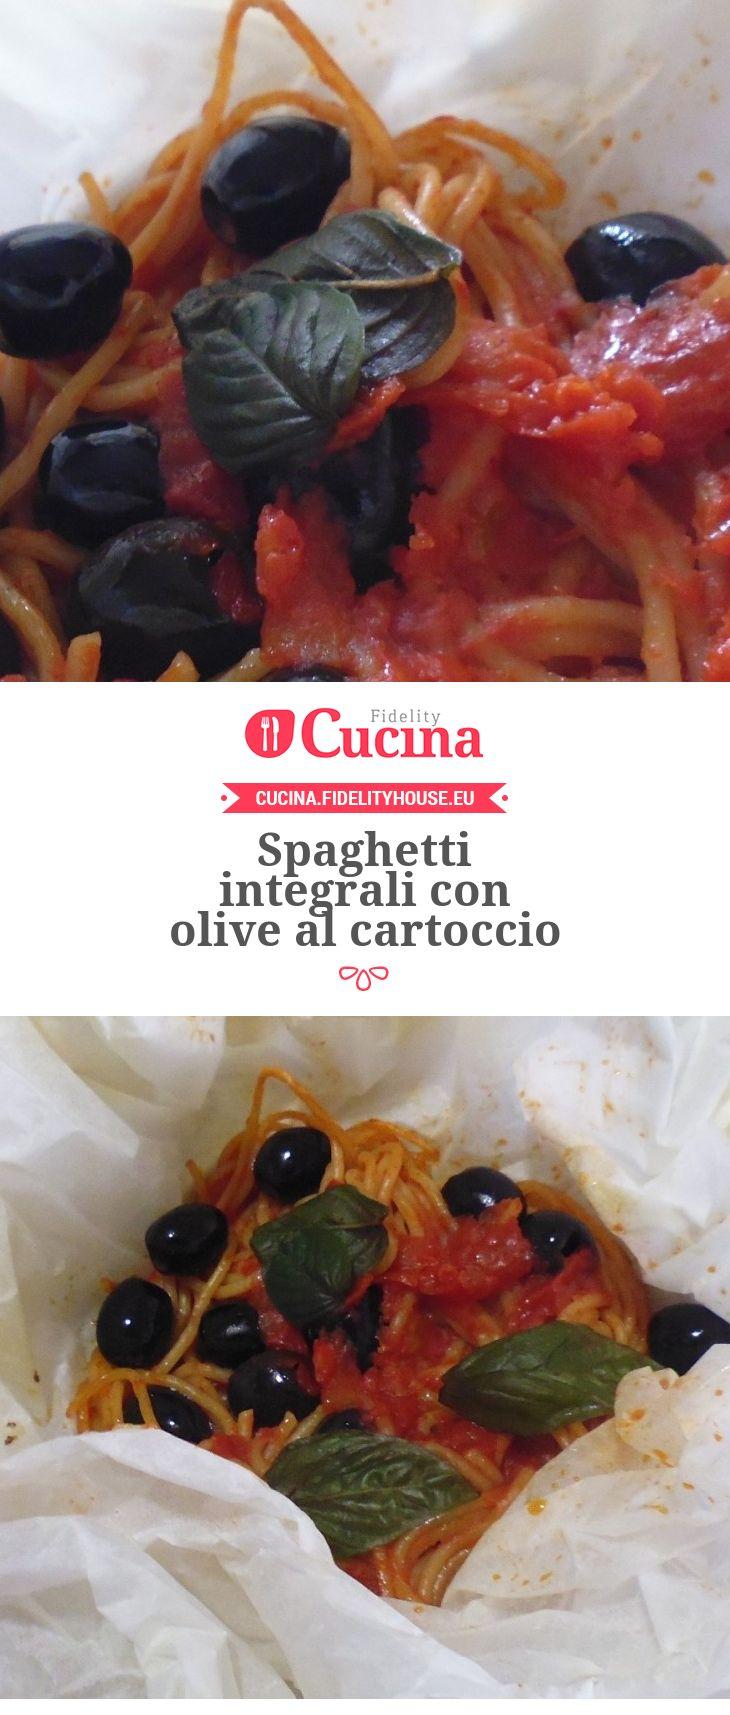 Spaghetti integrali con olive al cartoccio